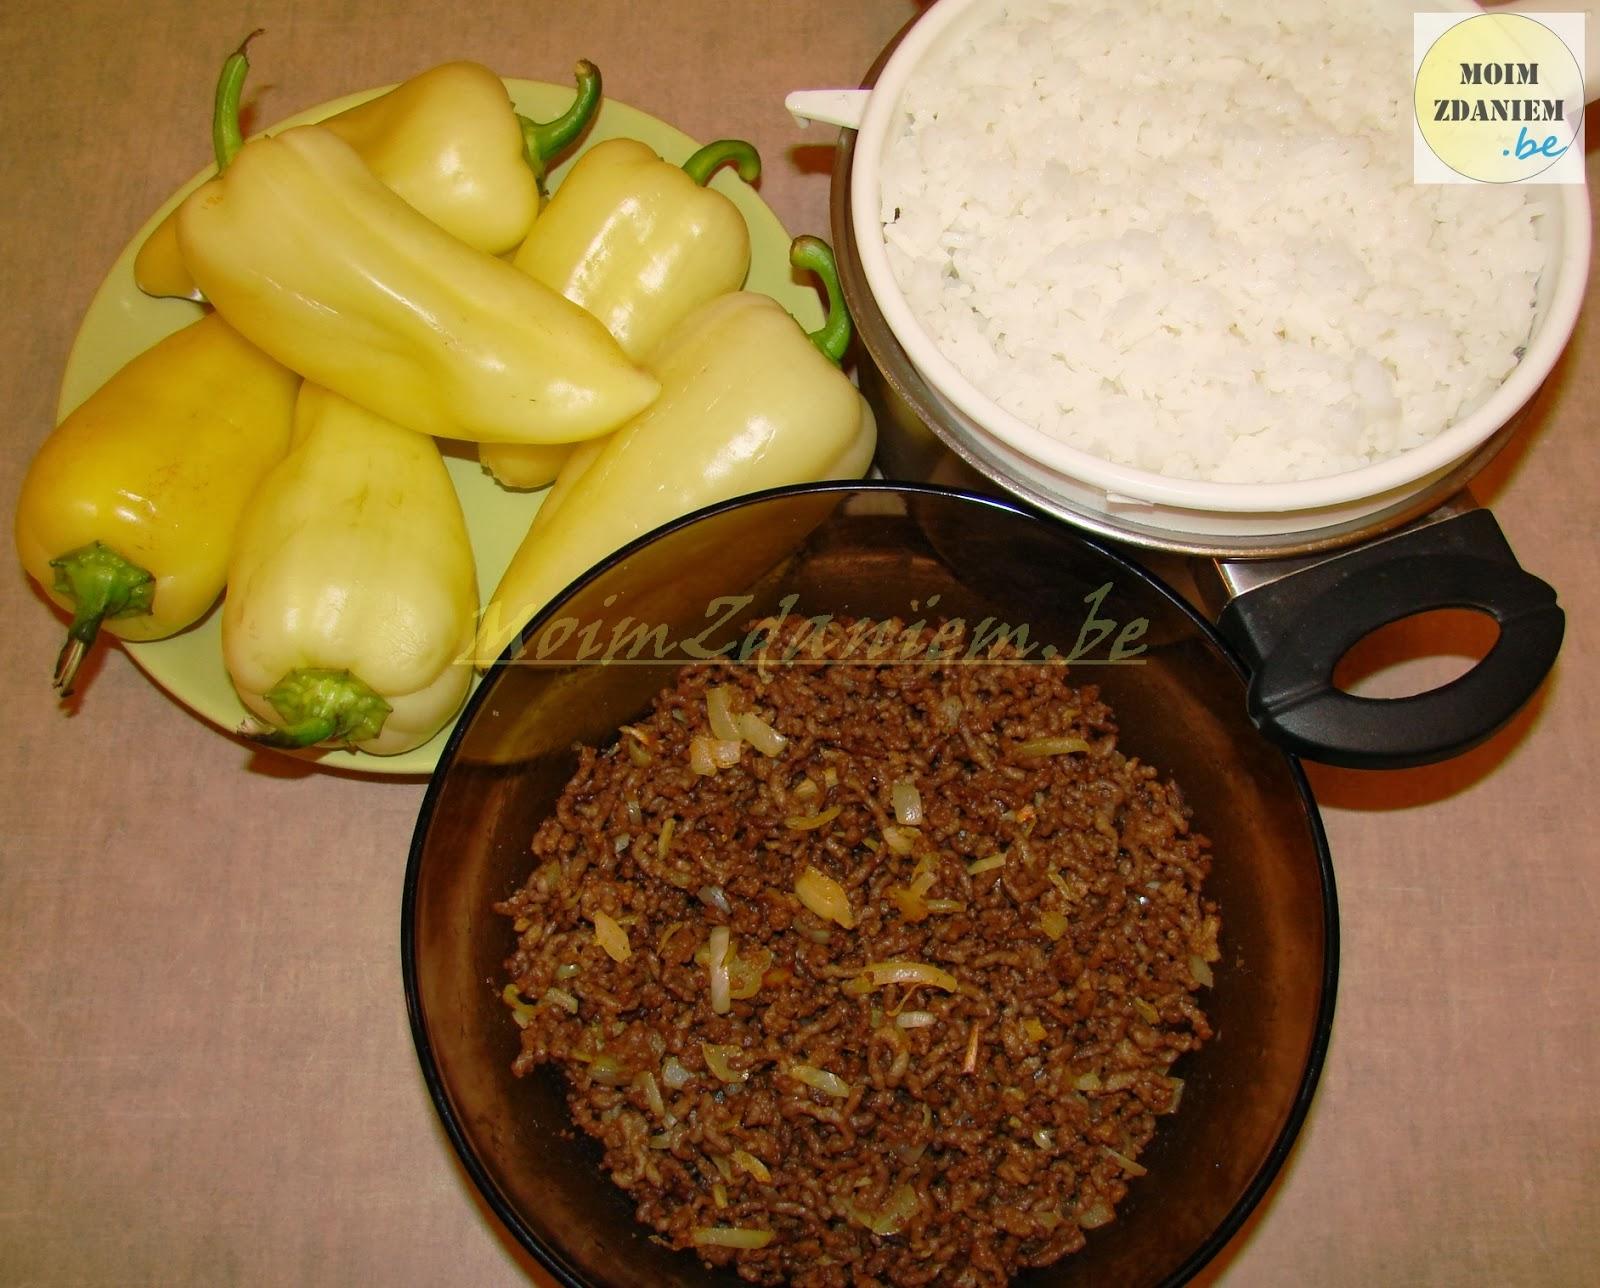 papryka faszerowana z mięsem i serem składniki